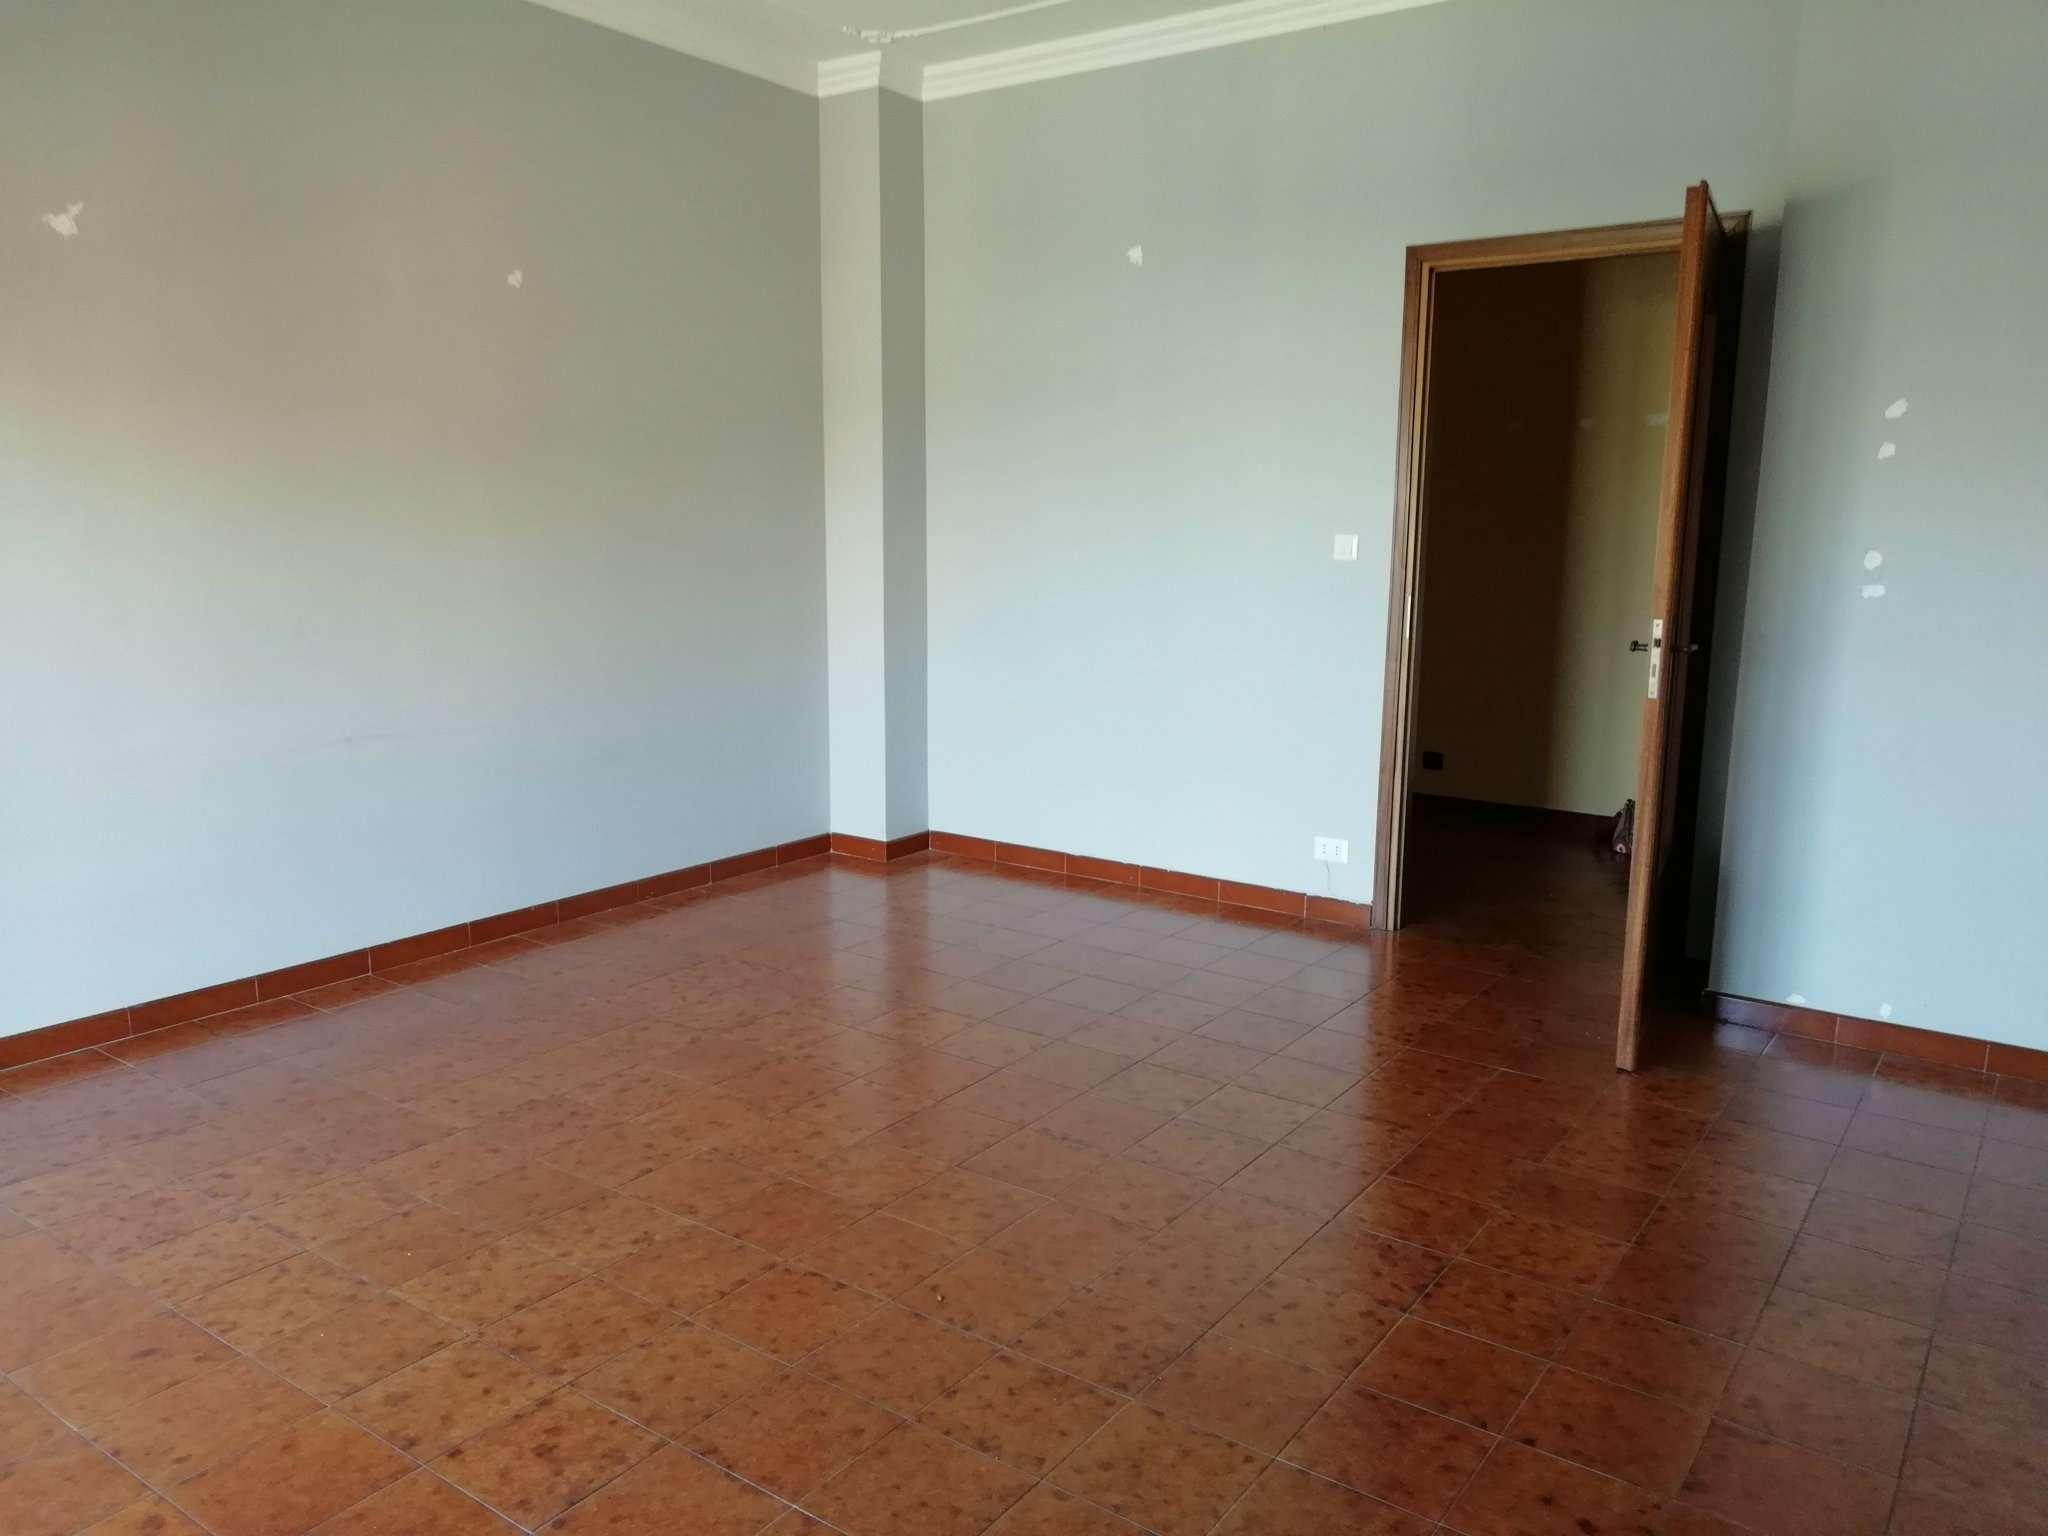 Appartamento in affitto a Cavagnolo, 4 locali, prezzo € 400 | CambioCasa.it